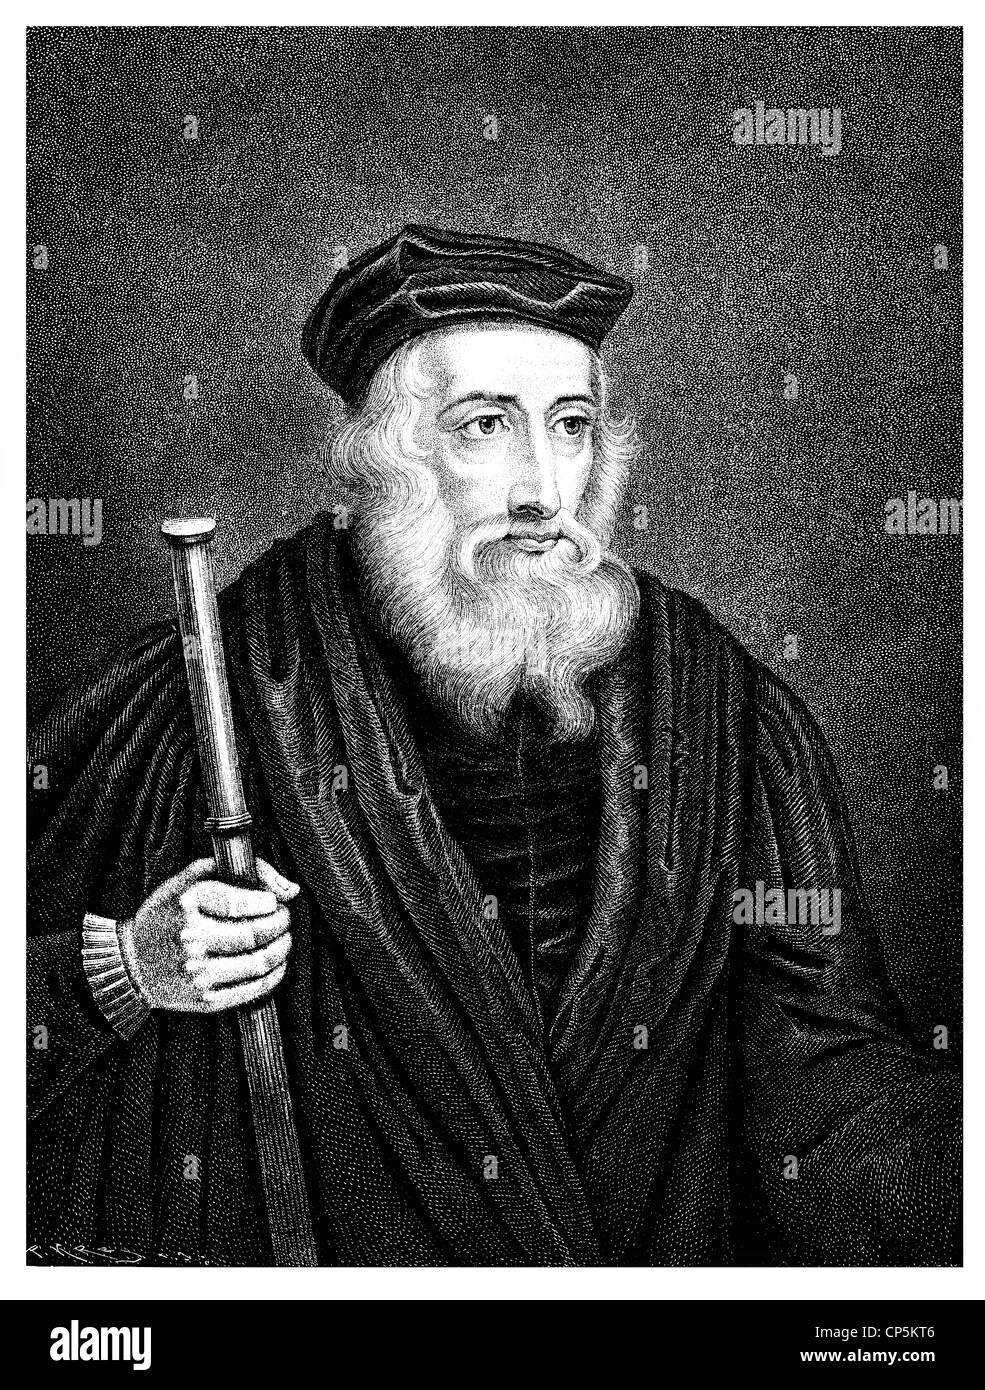 João Wycliffe, Médico evangelicus, 1330 - 1384, um filósofo inglês, teólogo  e reformador da Igreja